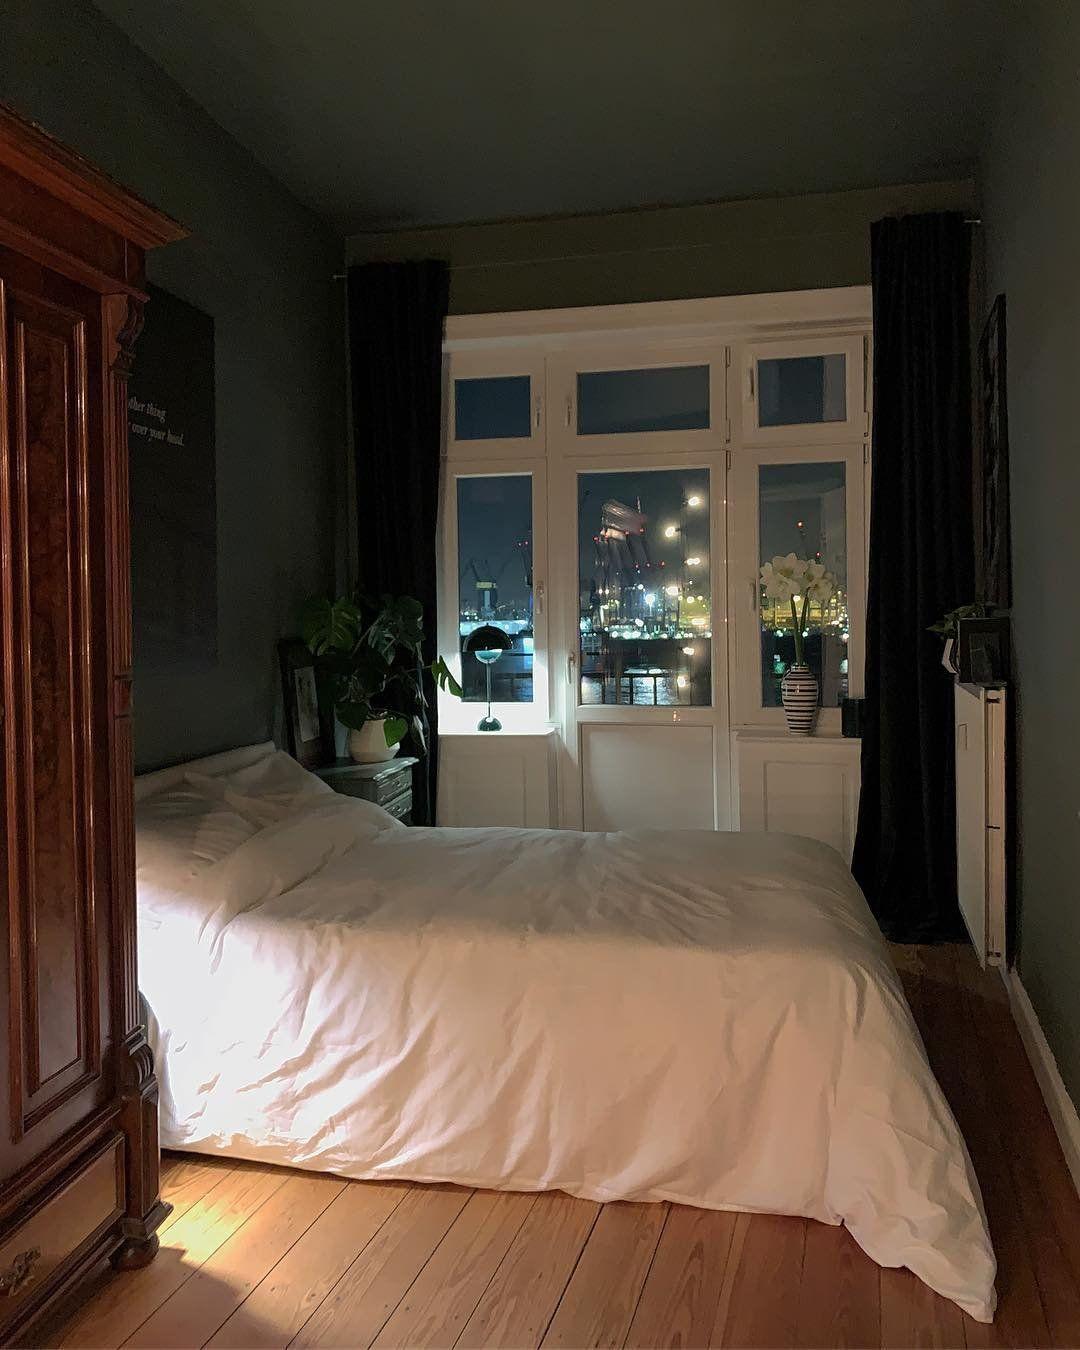 Full Size of Schlafzimmer Gestalten Kleine Einrichten Eckschrank Nolte Deckenleuchte Modern Komplett Guenstig Kronleuchter Schranksysteme Vorhänge Schrank Led Mit Wohnzimmer Schlafzimmer Gestalten